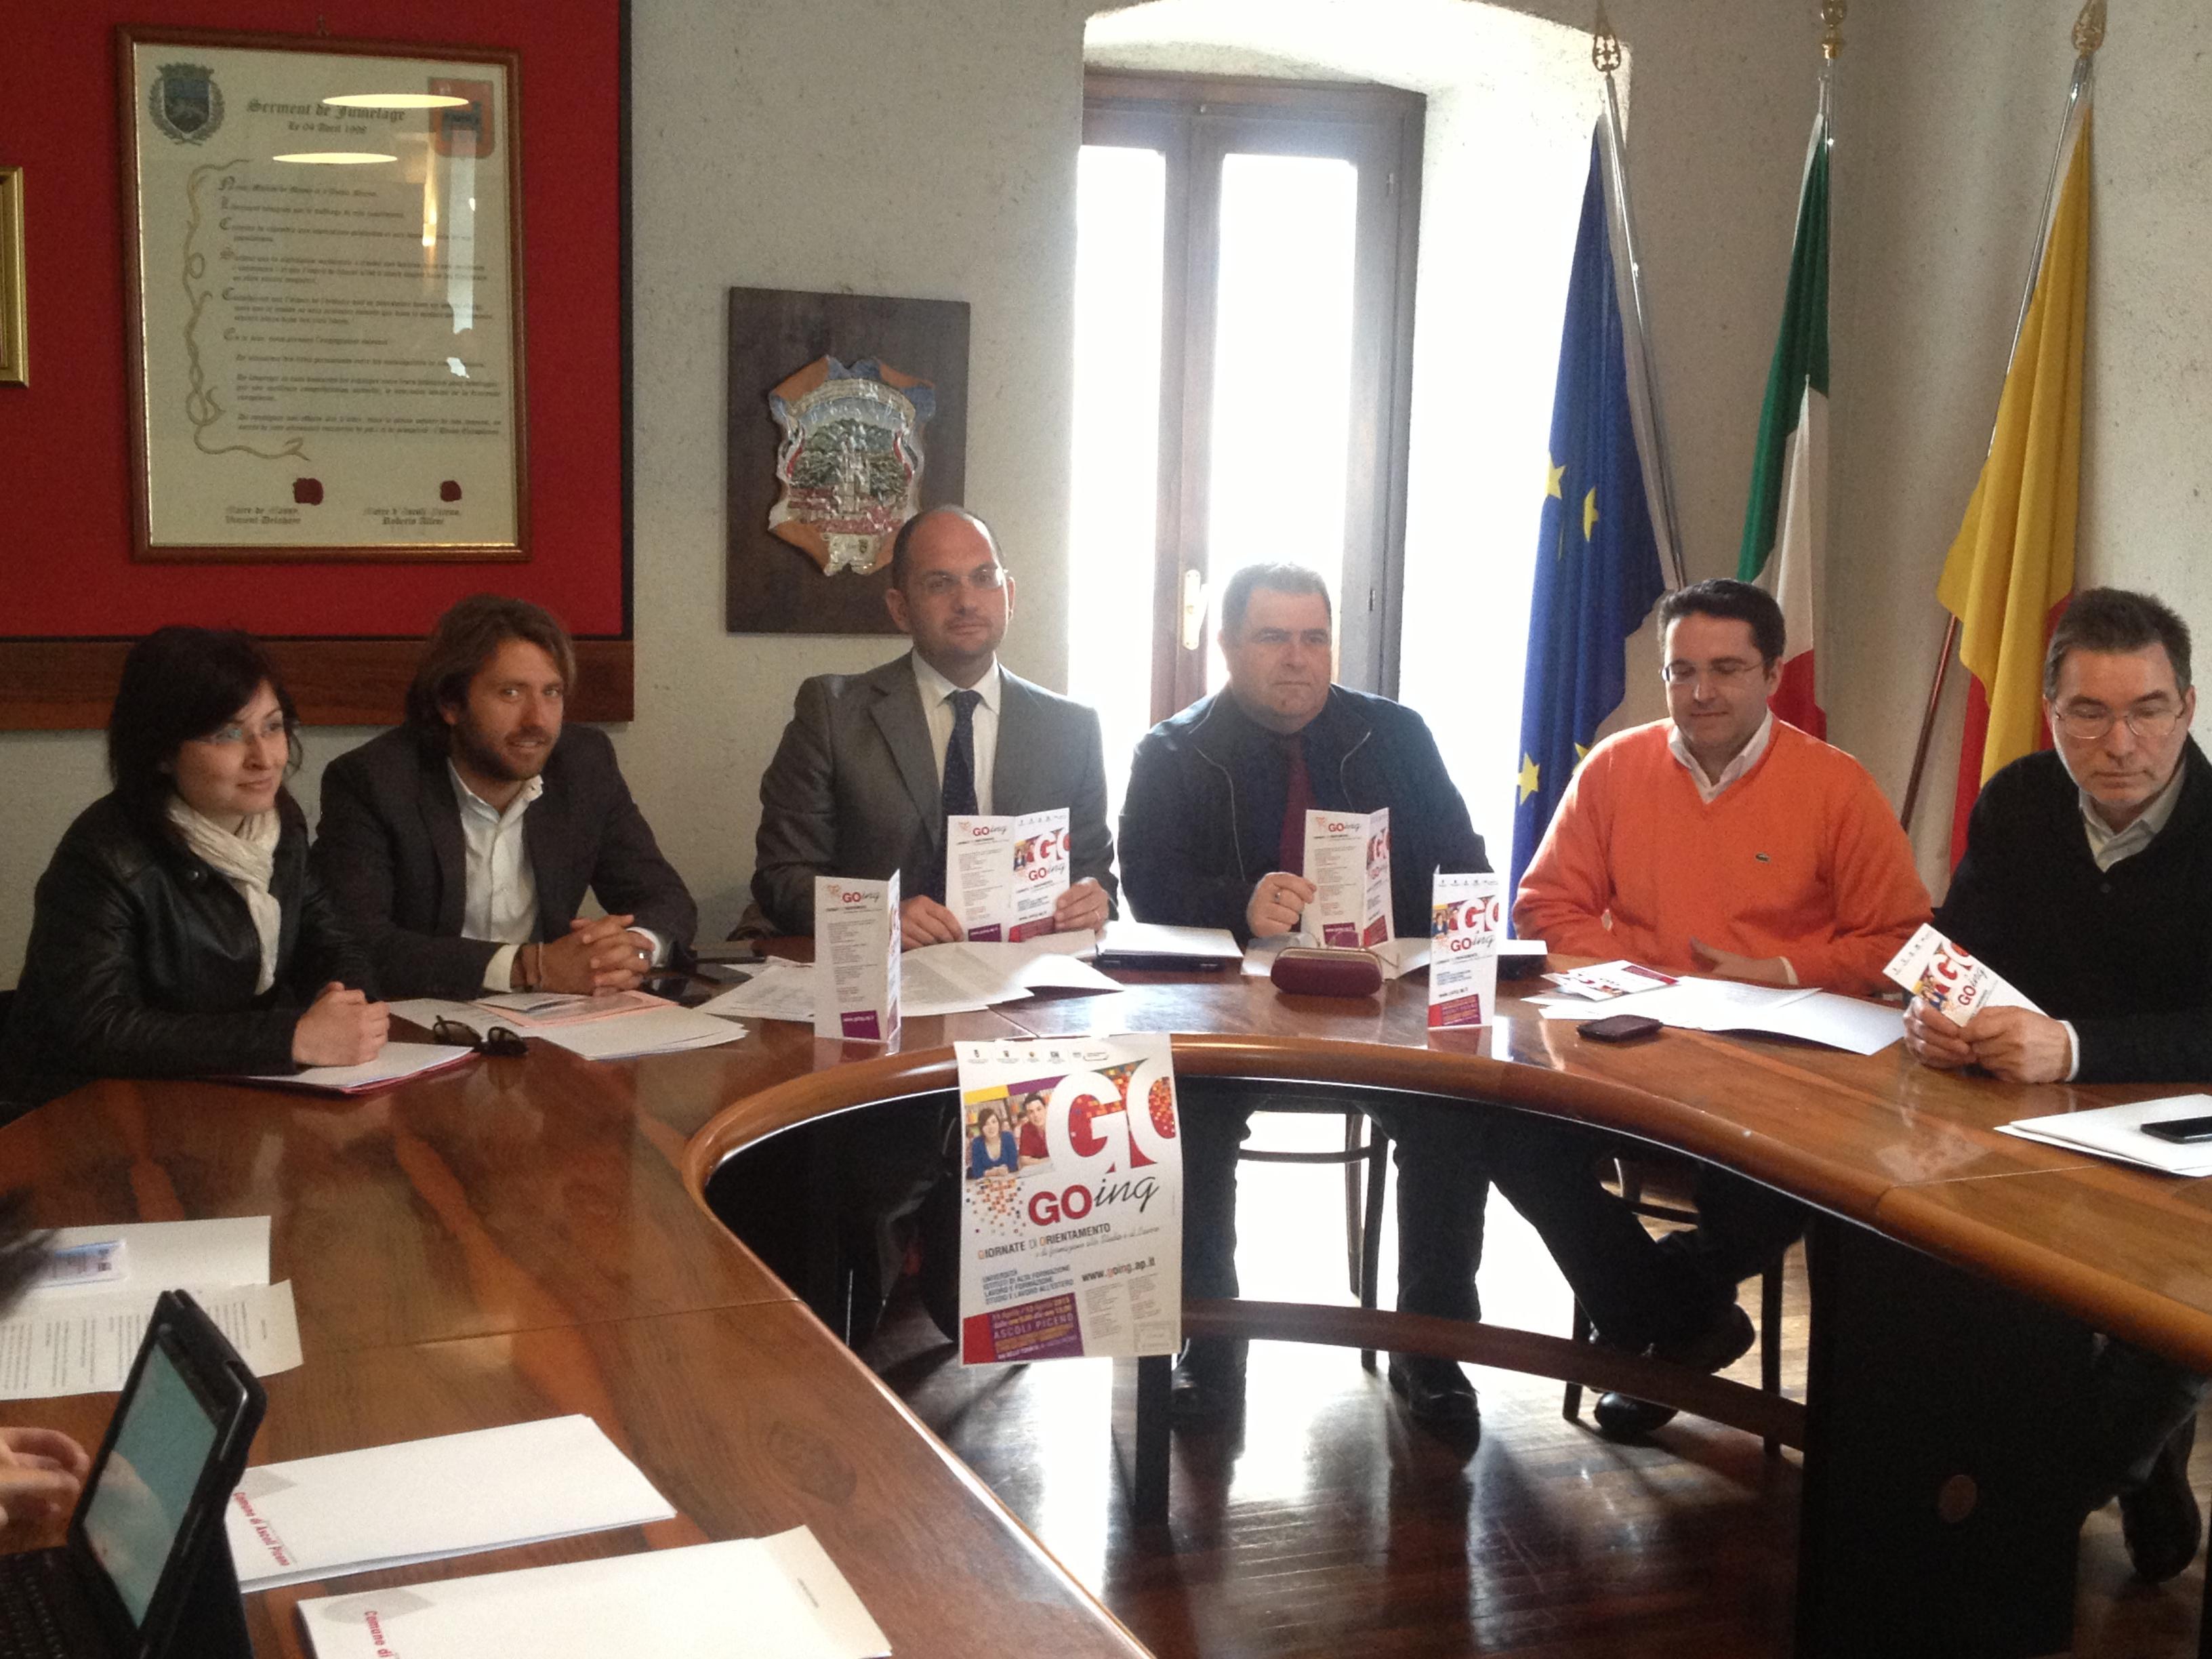 presentazione going 2013 con marzia farnesi, guido castelli, arturo verna,giuseppe pacetti